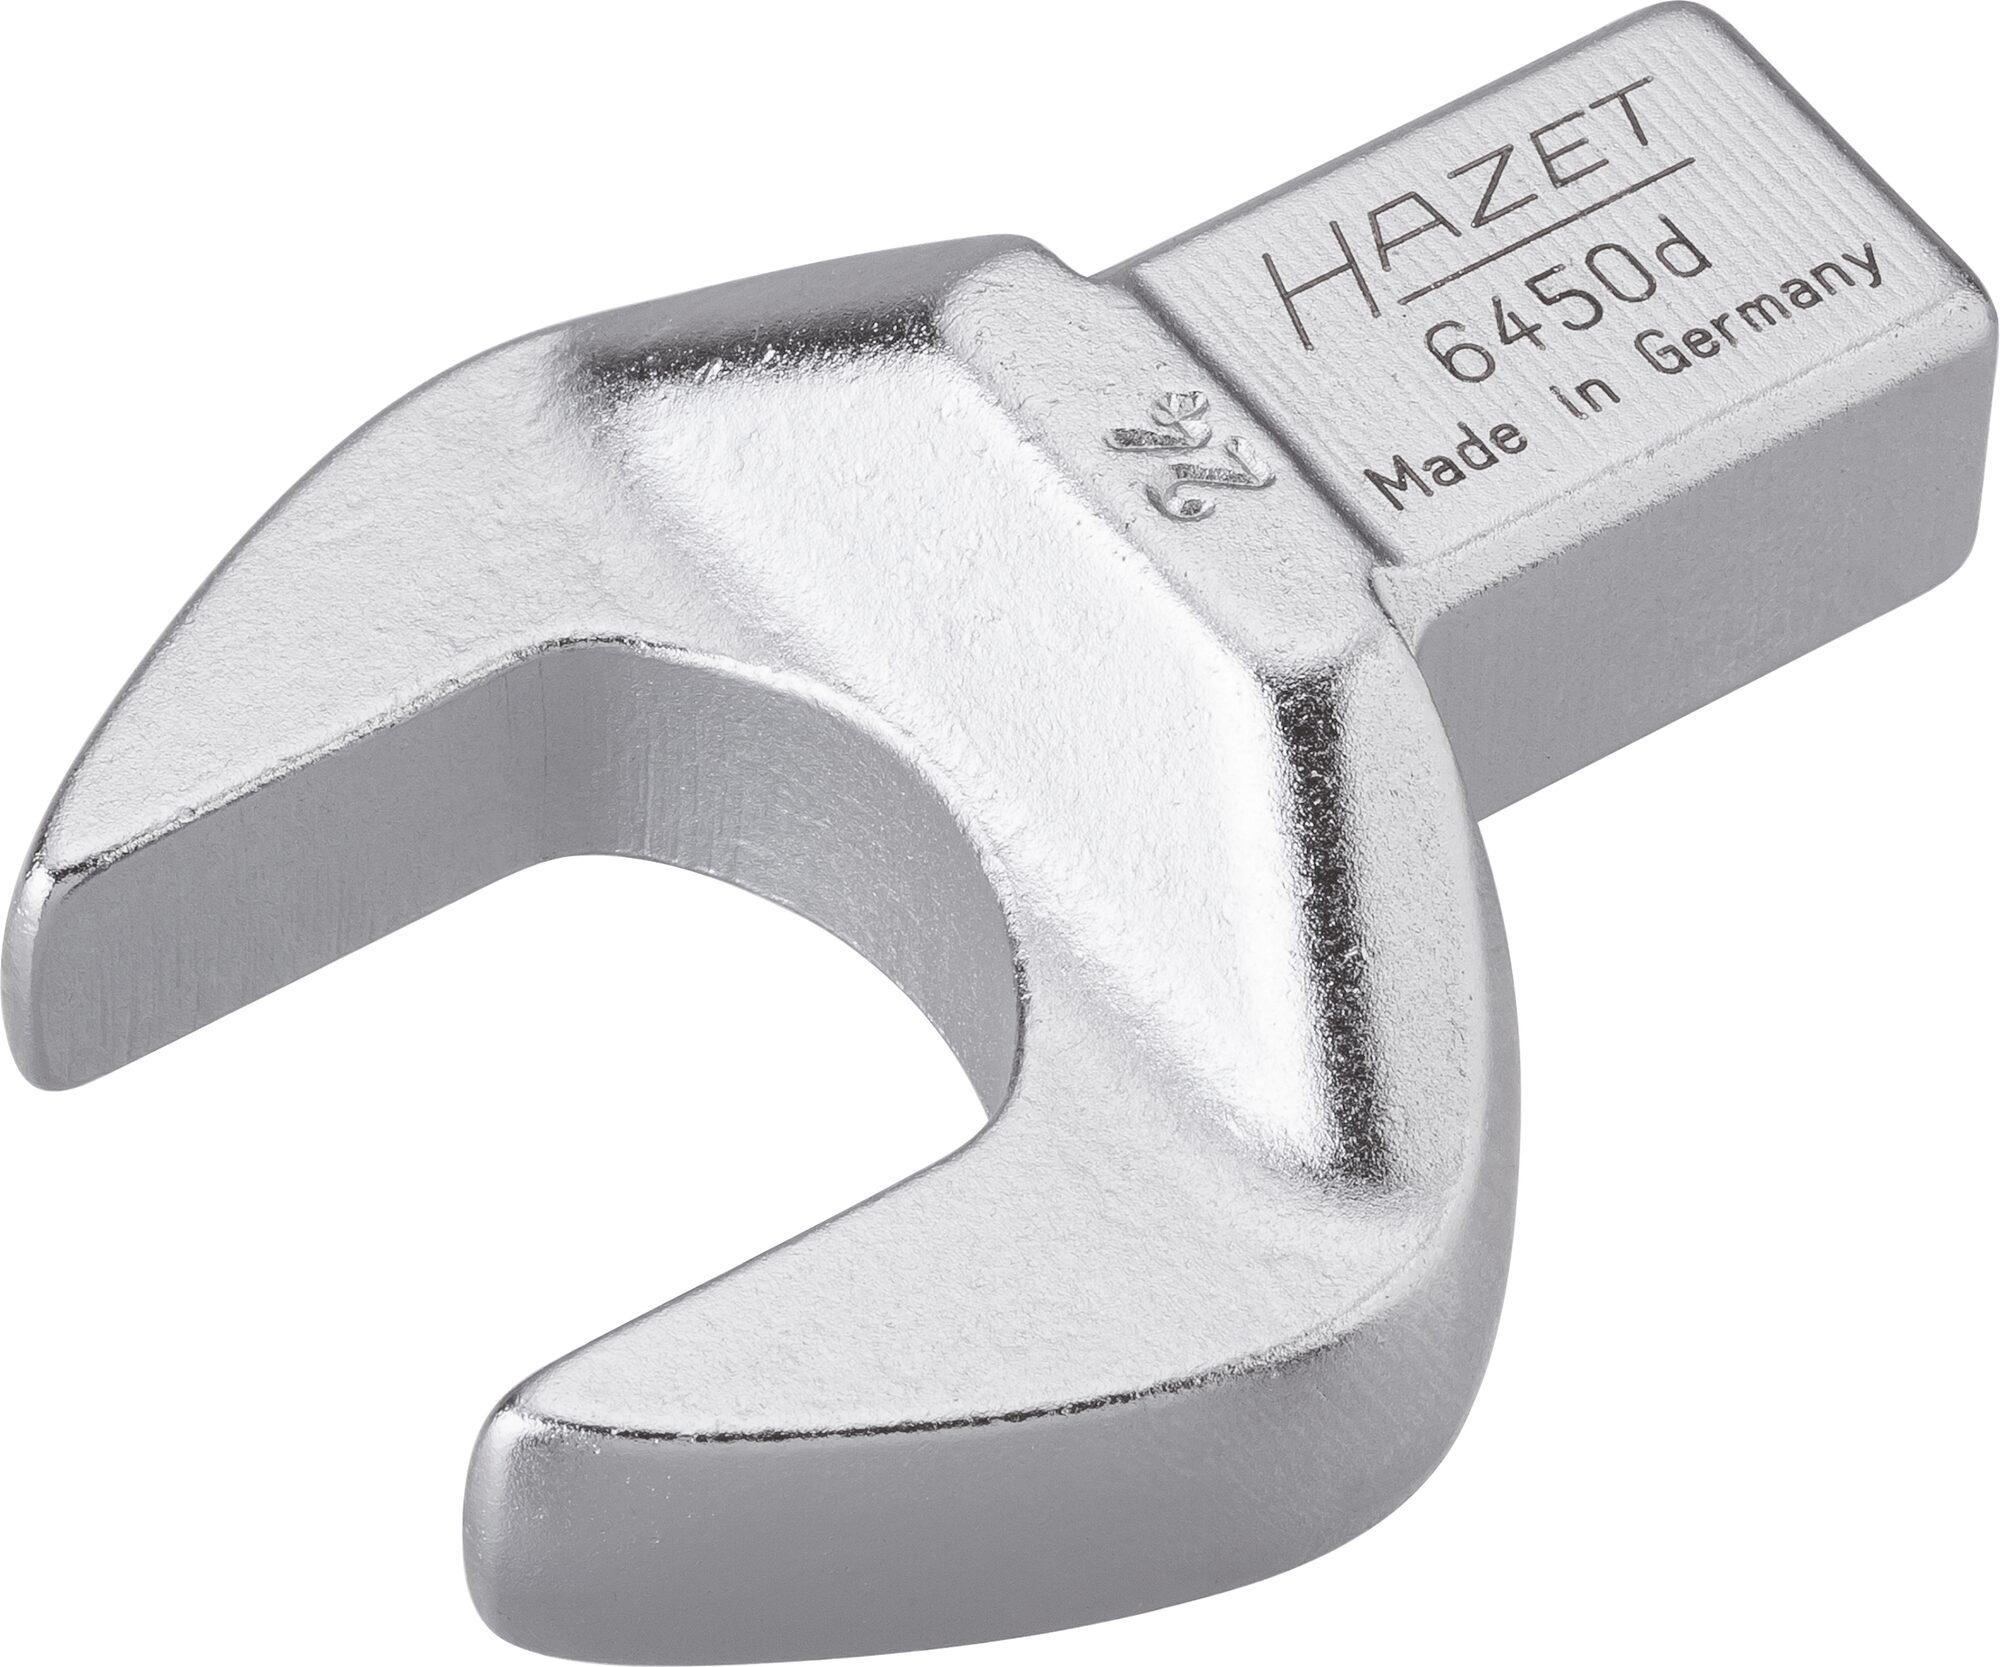 HAZET Einsteck-Maulschlüssel 6450D-24 ∙ Einsteck-Vierkant 14 x 18 mm ∙ Außen-Sechskant Profil ∙ 24 mm